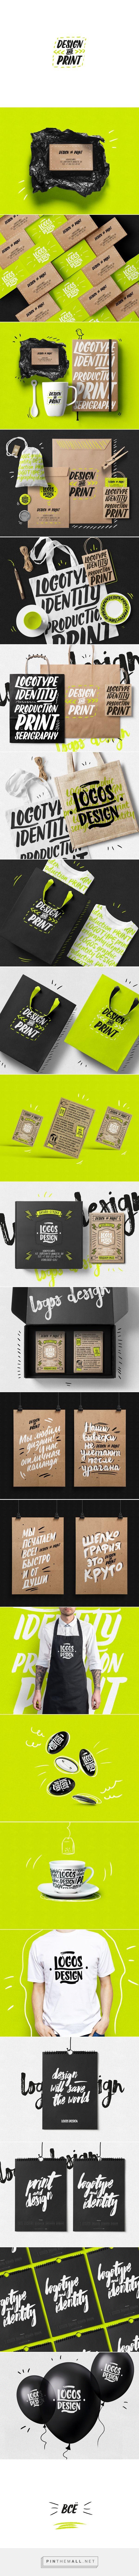 Фирменный стиль для дизайн студии on Behance | Fivestar Branding – Design and Branding Agency & Inspiration Gallery